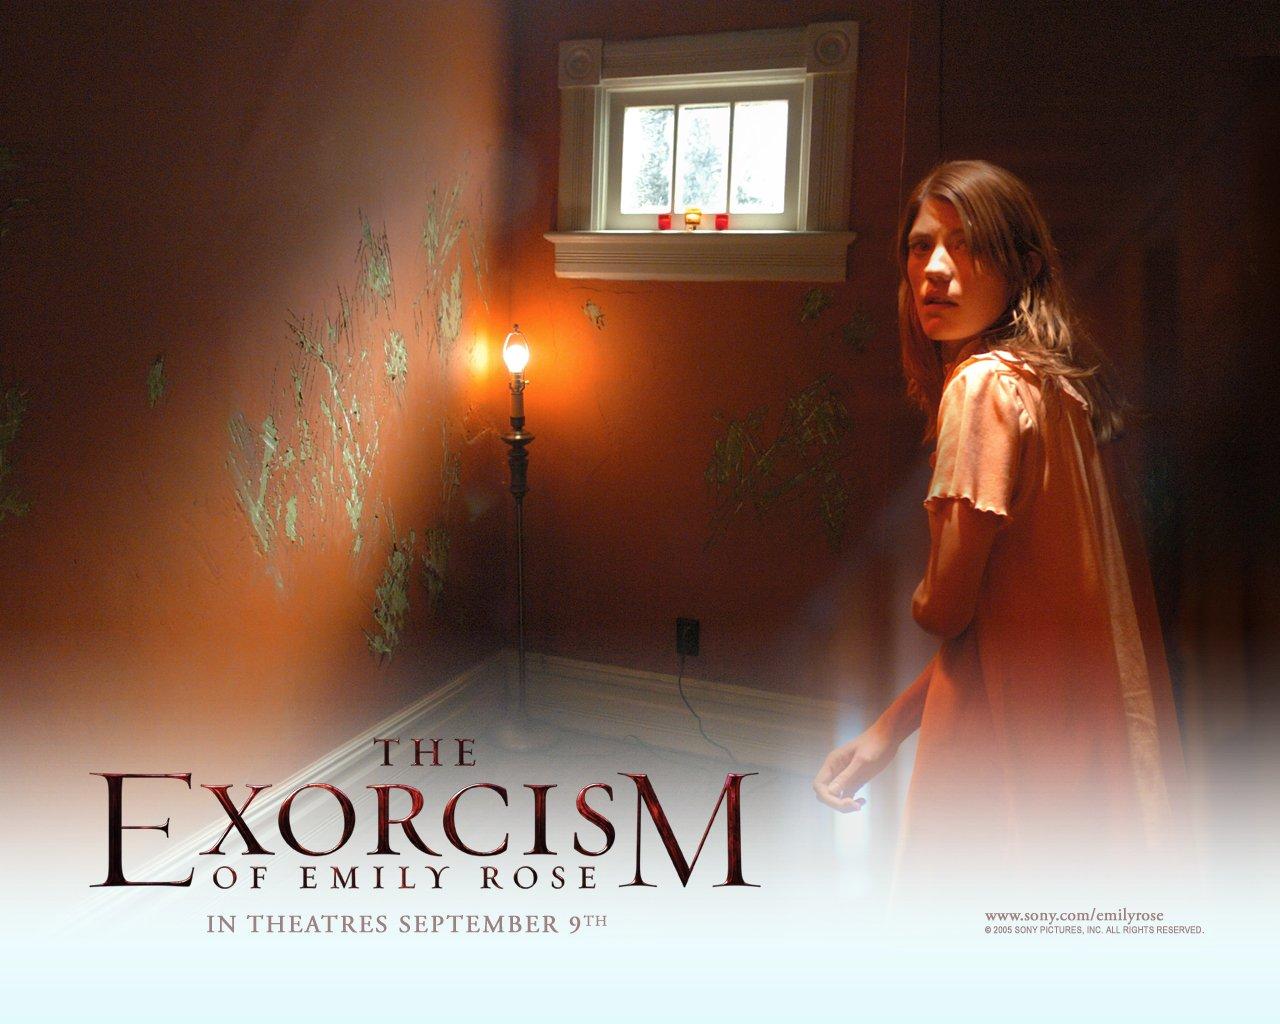 The Tragic Story Behind The Exorcism of Emily Rose